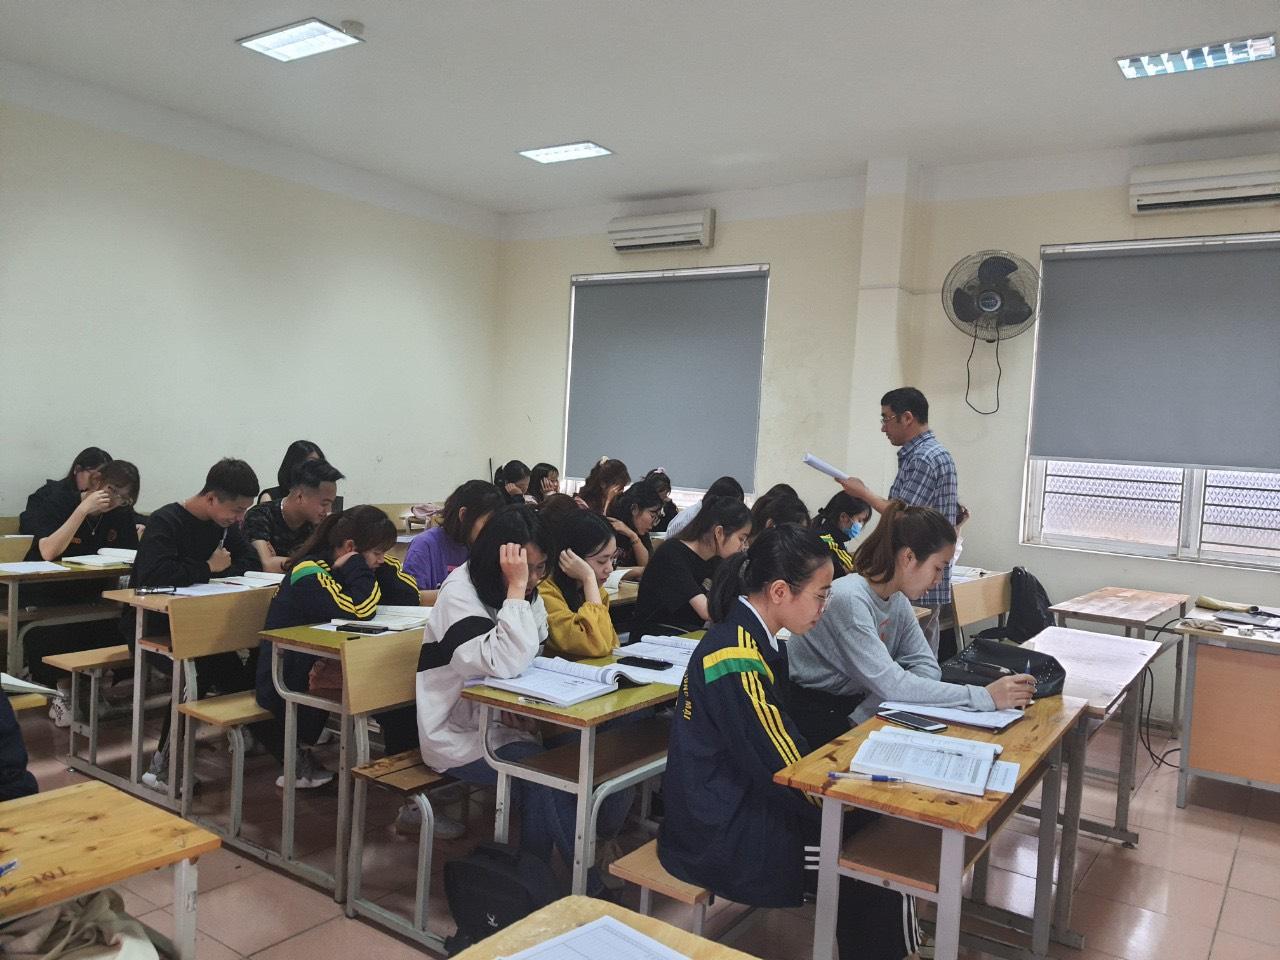 Tìm hiểu chương trình: Trao đổi sinh viên giữa HTT và Đại học Dongshin Hàn Quốc